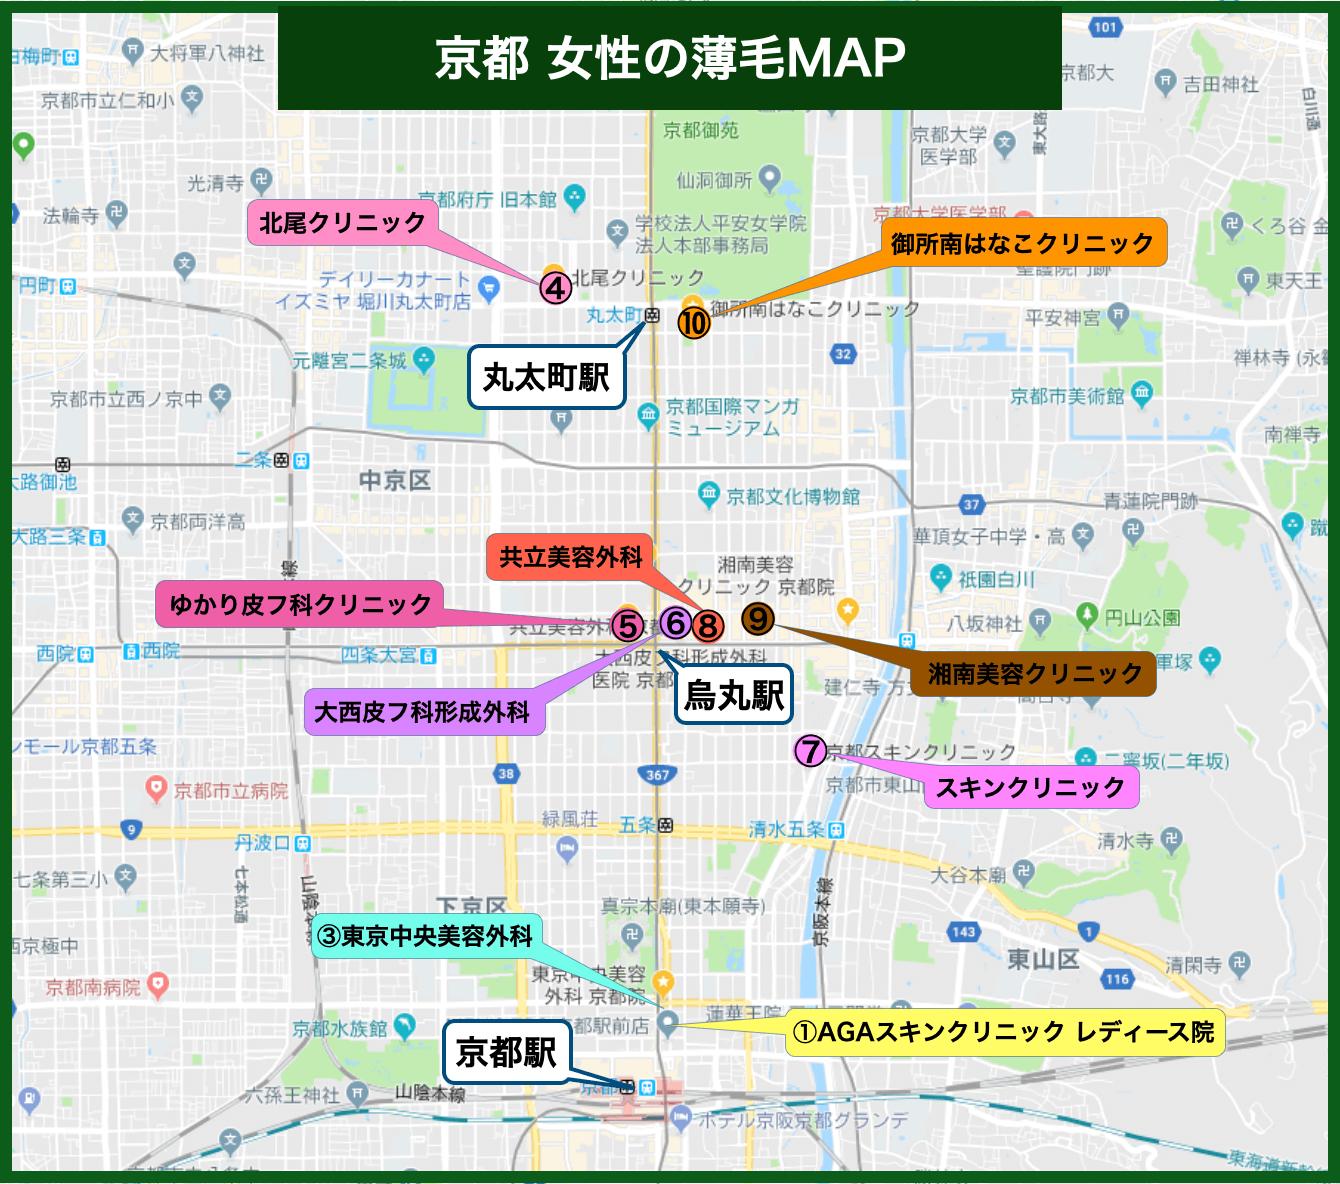 京都 女性の薄毛MAP